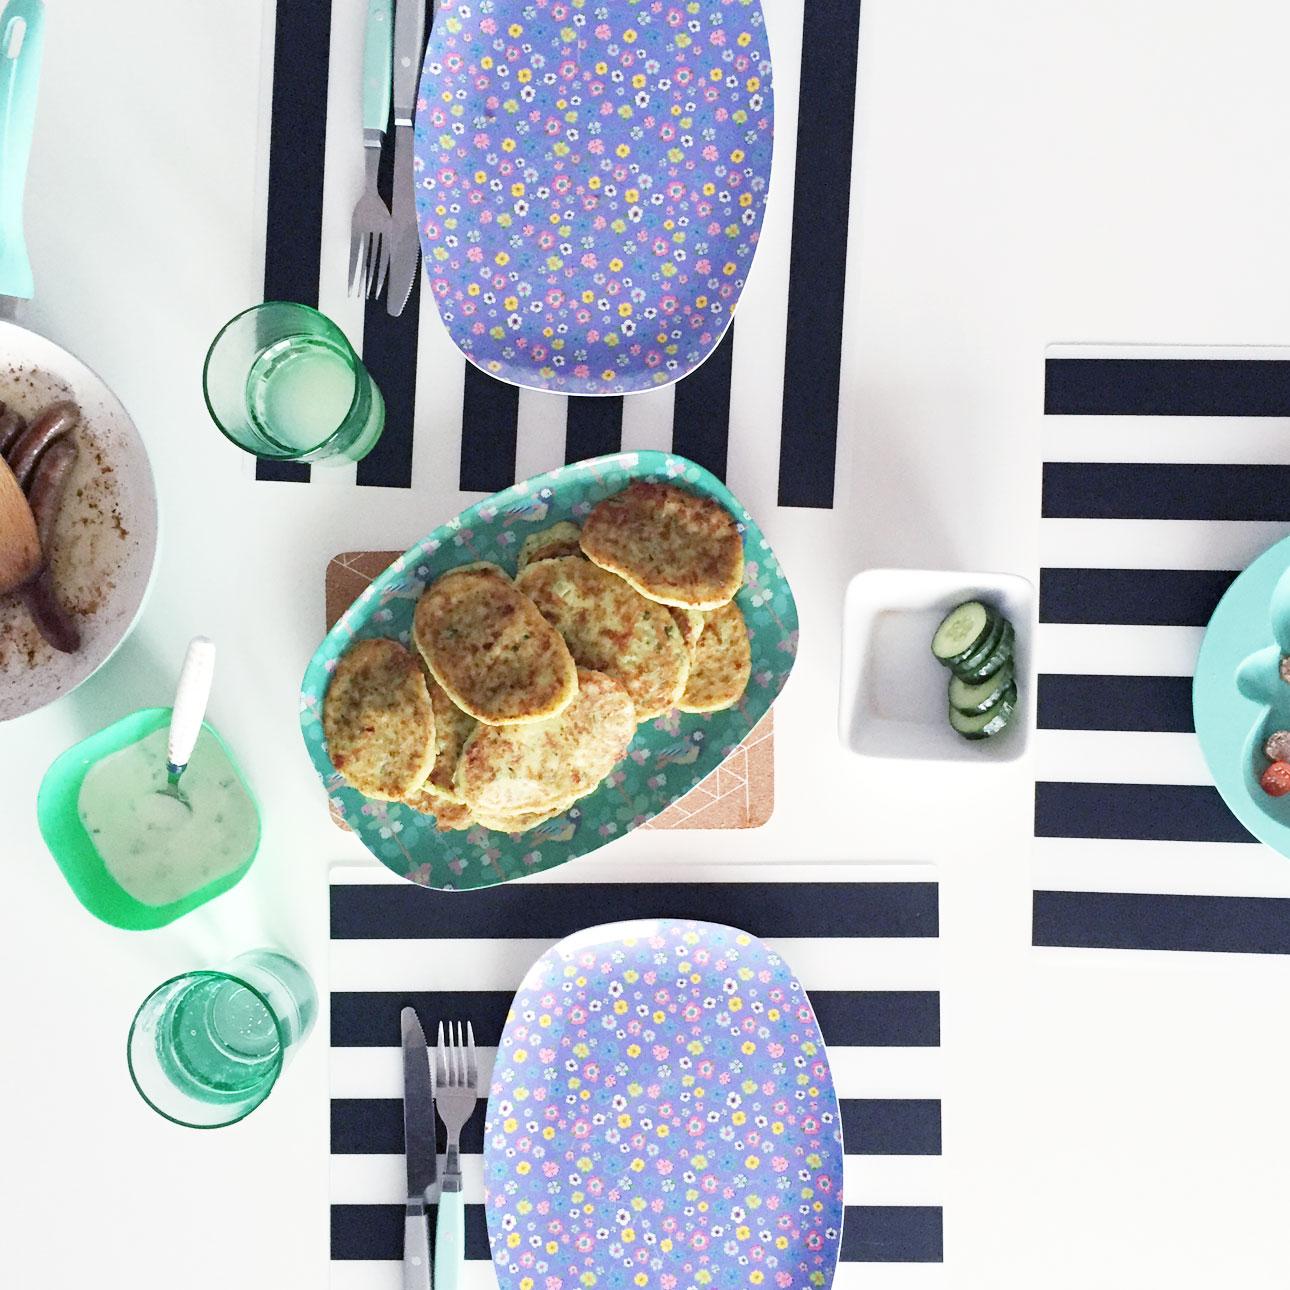 Mamalifestyle Marike augustus 2015 avondeten courgettepannenkoekjes